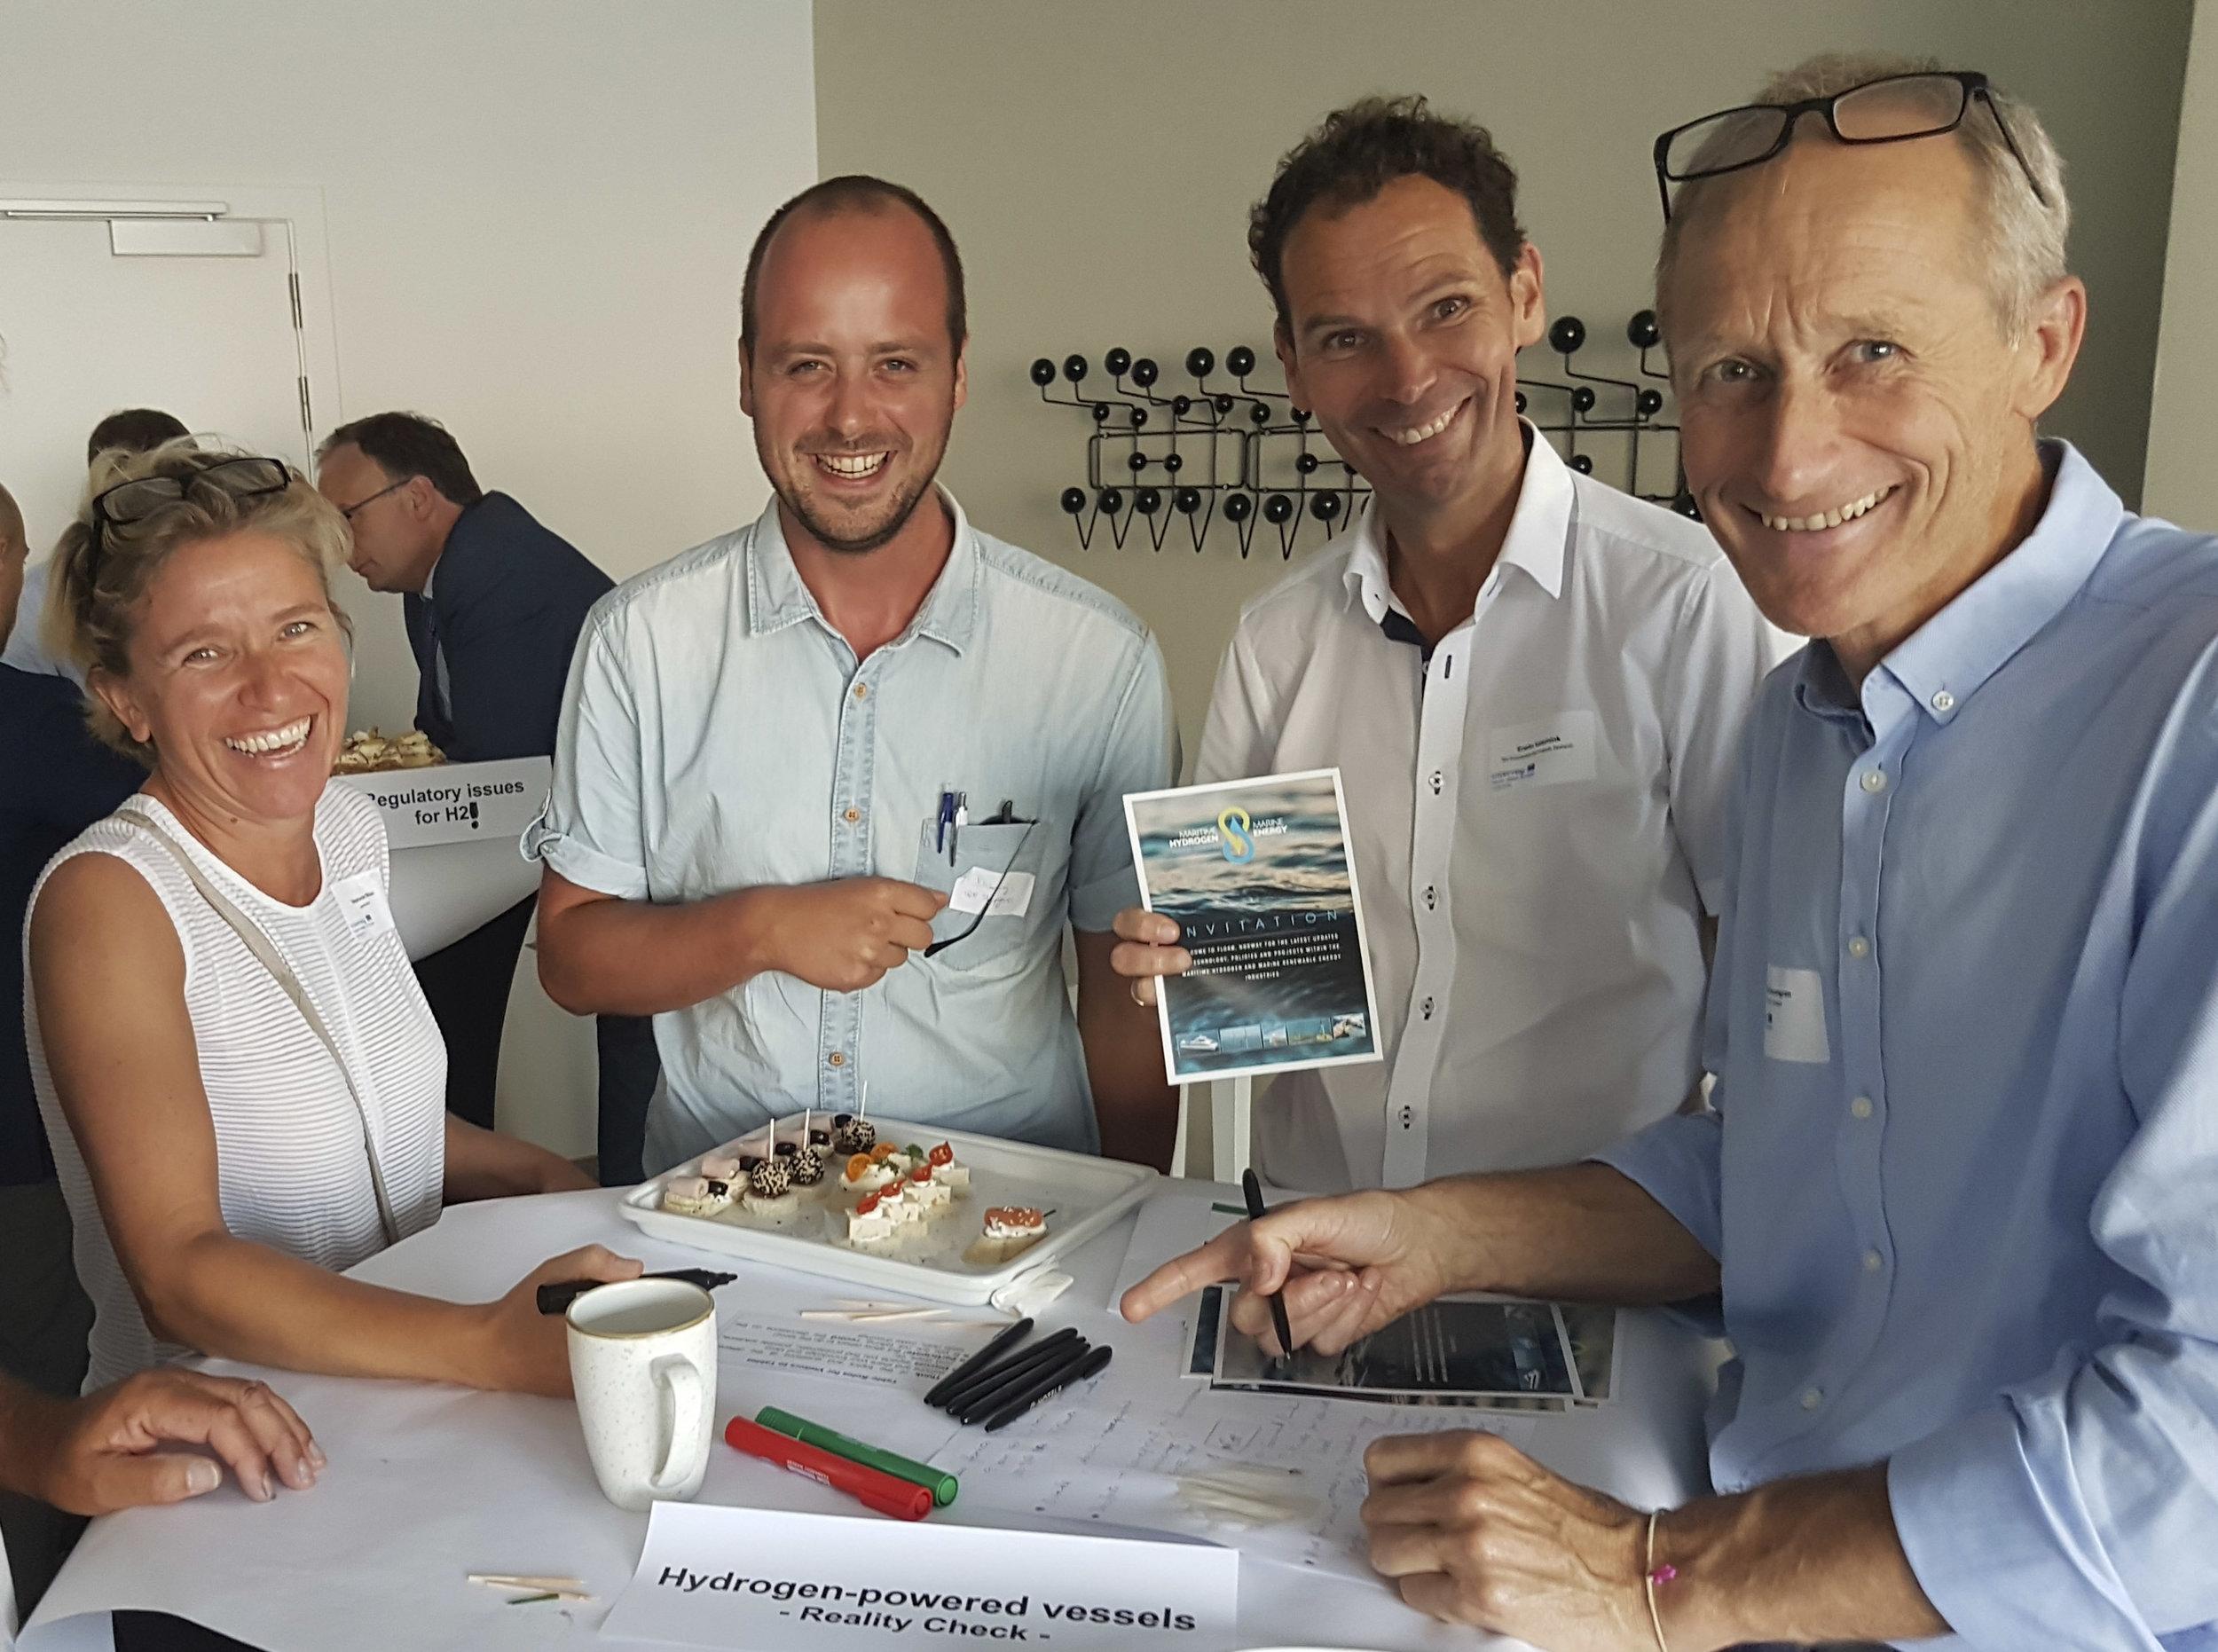 Foto: Trond Strømgren leia ein av workshop'ane som omhandla fartøy med framdriftssystem basert på hydrogen